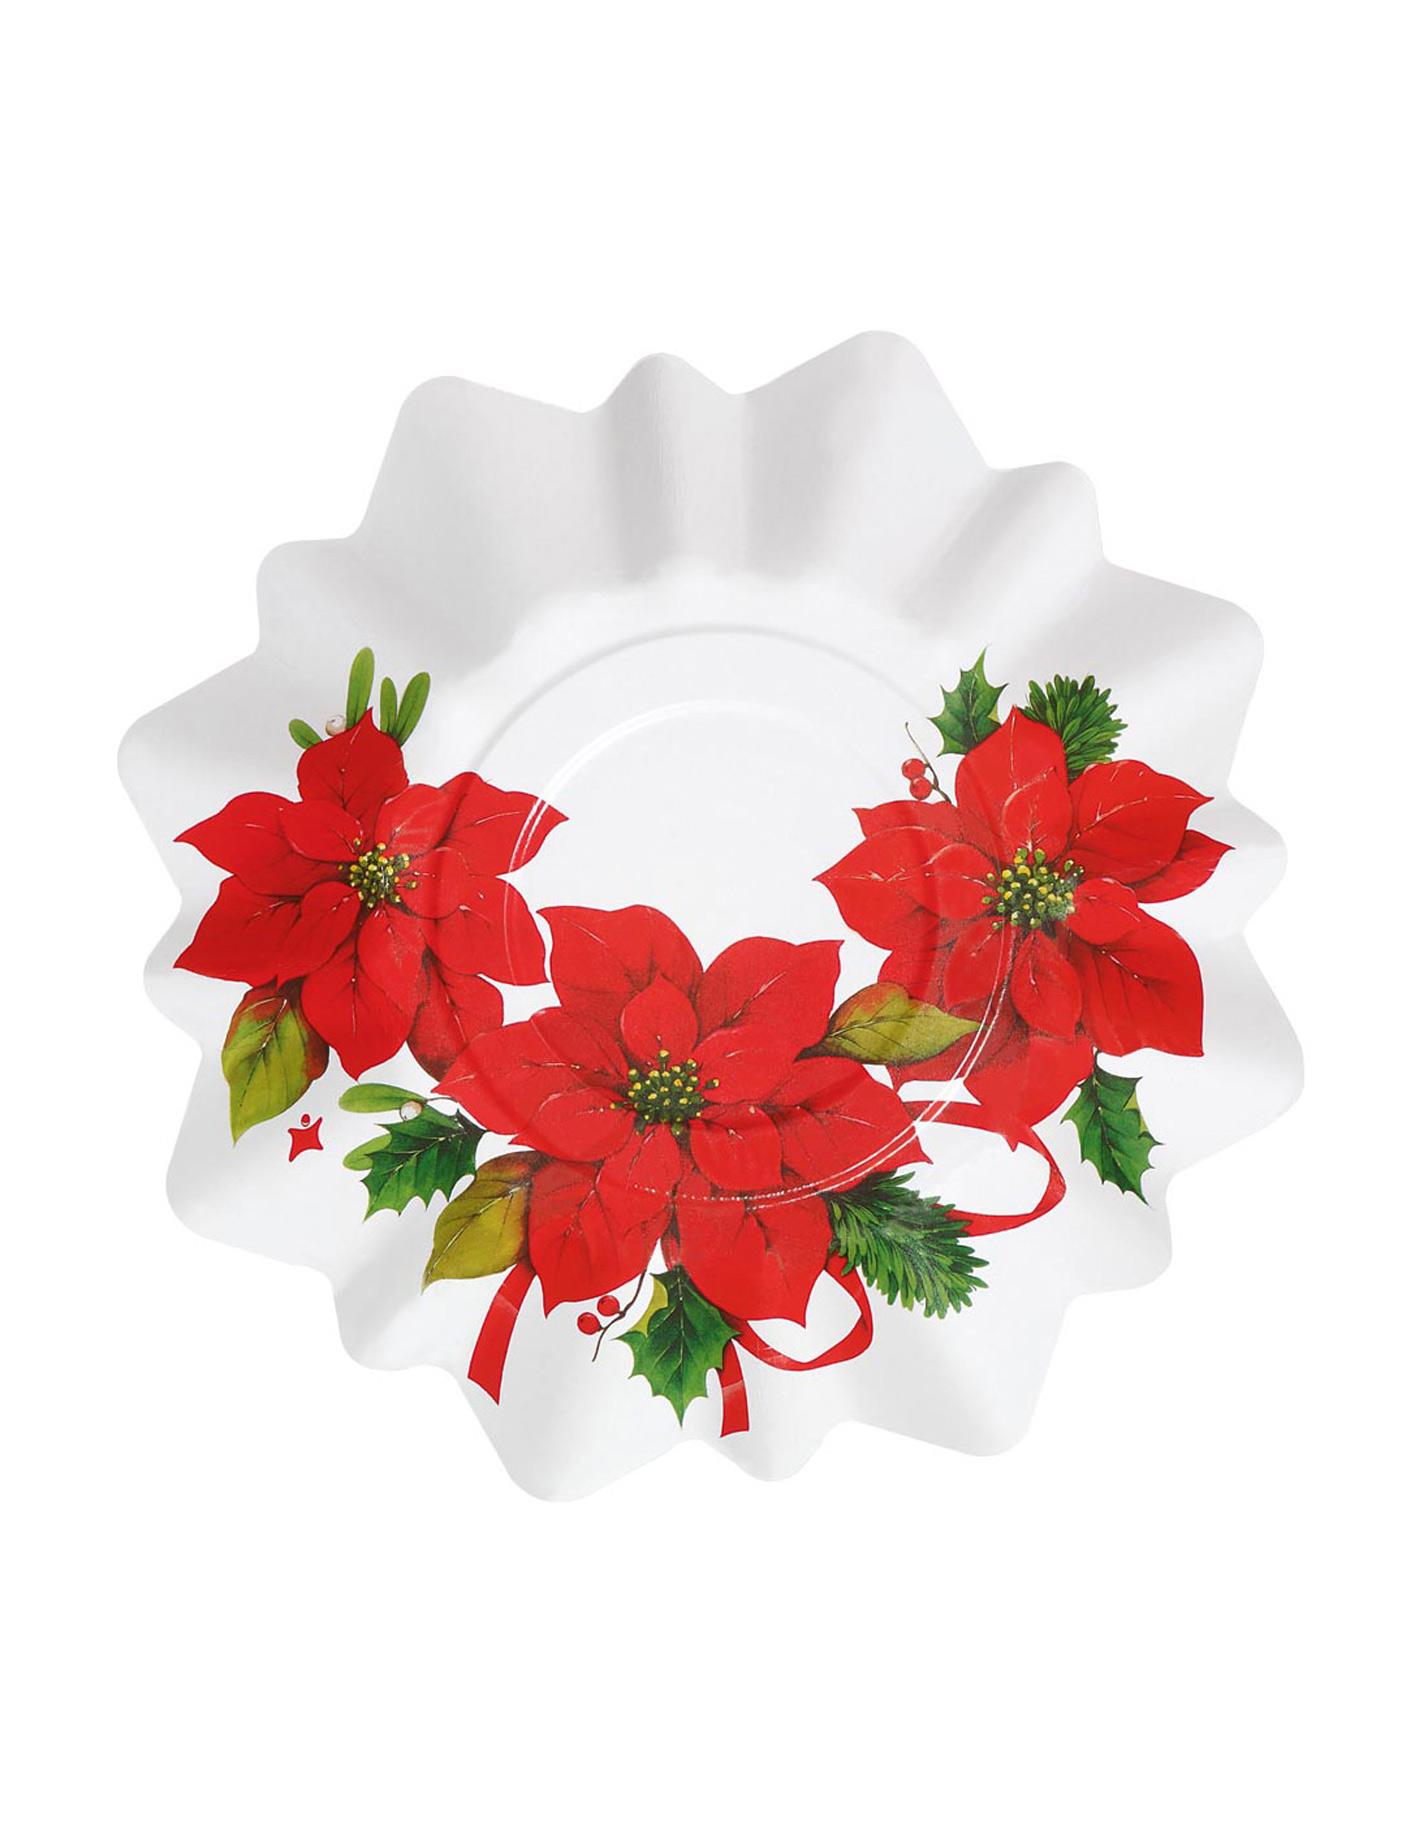 8 petites assiettes fleur de no l d coration anniversaire et f tes th me sur vegaoo party - Petites images de noel ...